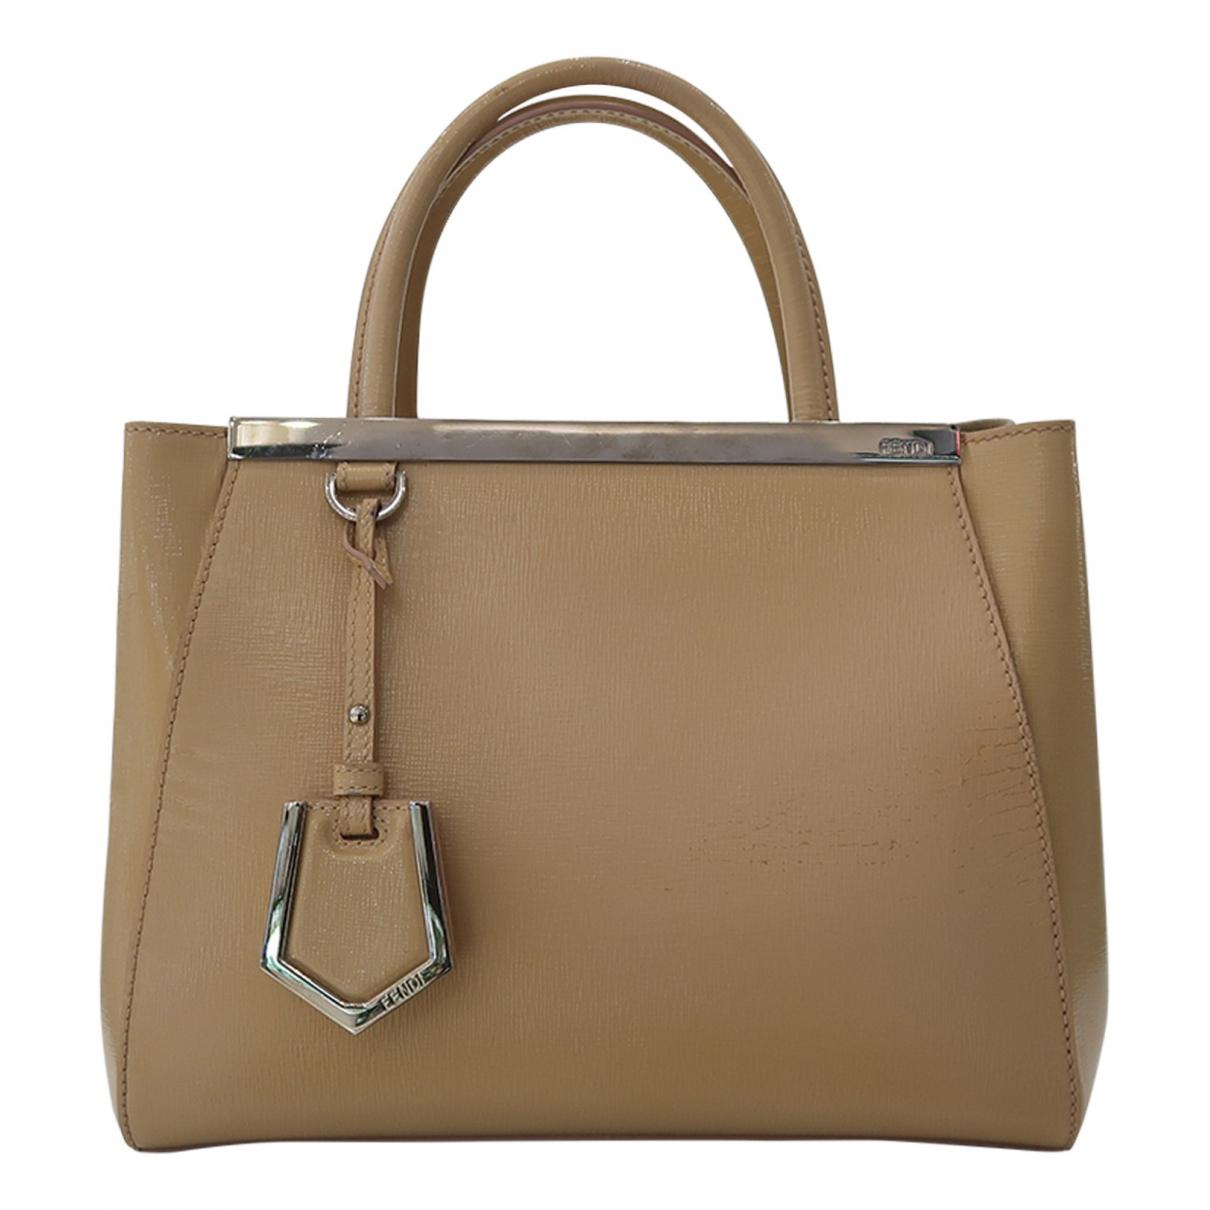 Fendi 2Jours Handtasche in  Beige Lackleder